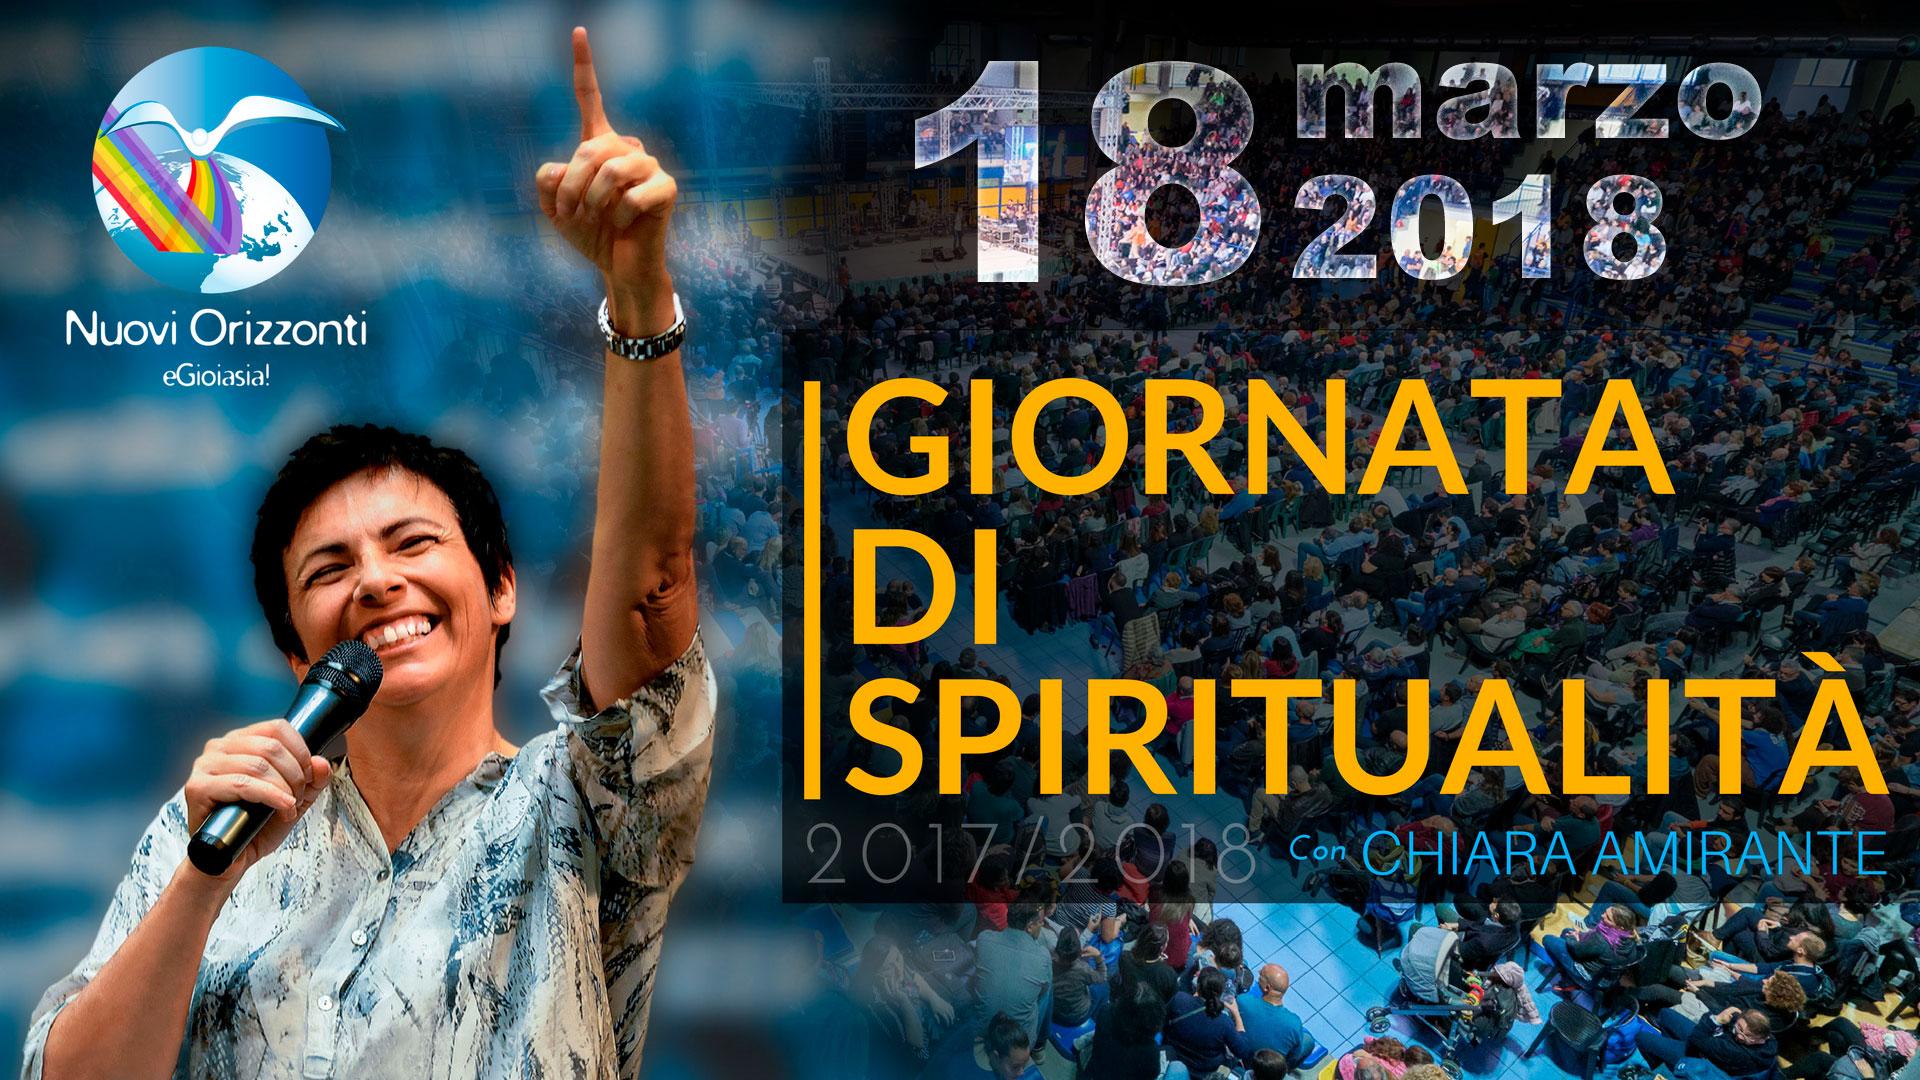 Giornata Spiritualità Marzo - Nuovi Orizzonti